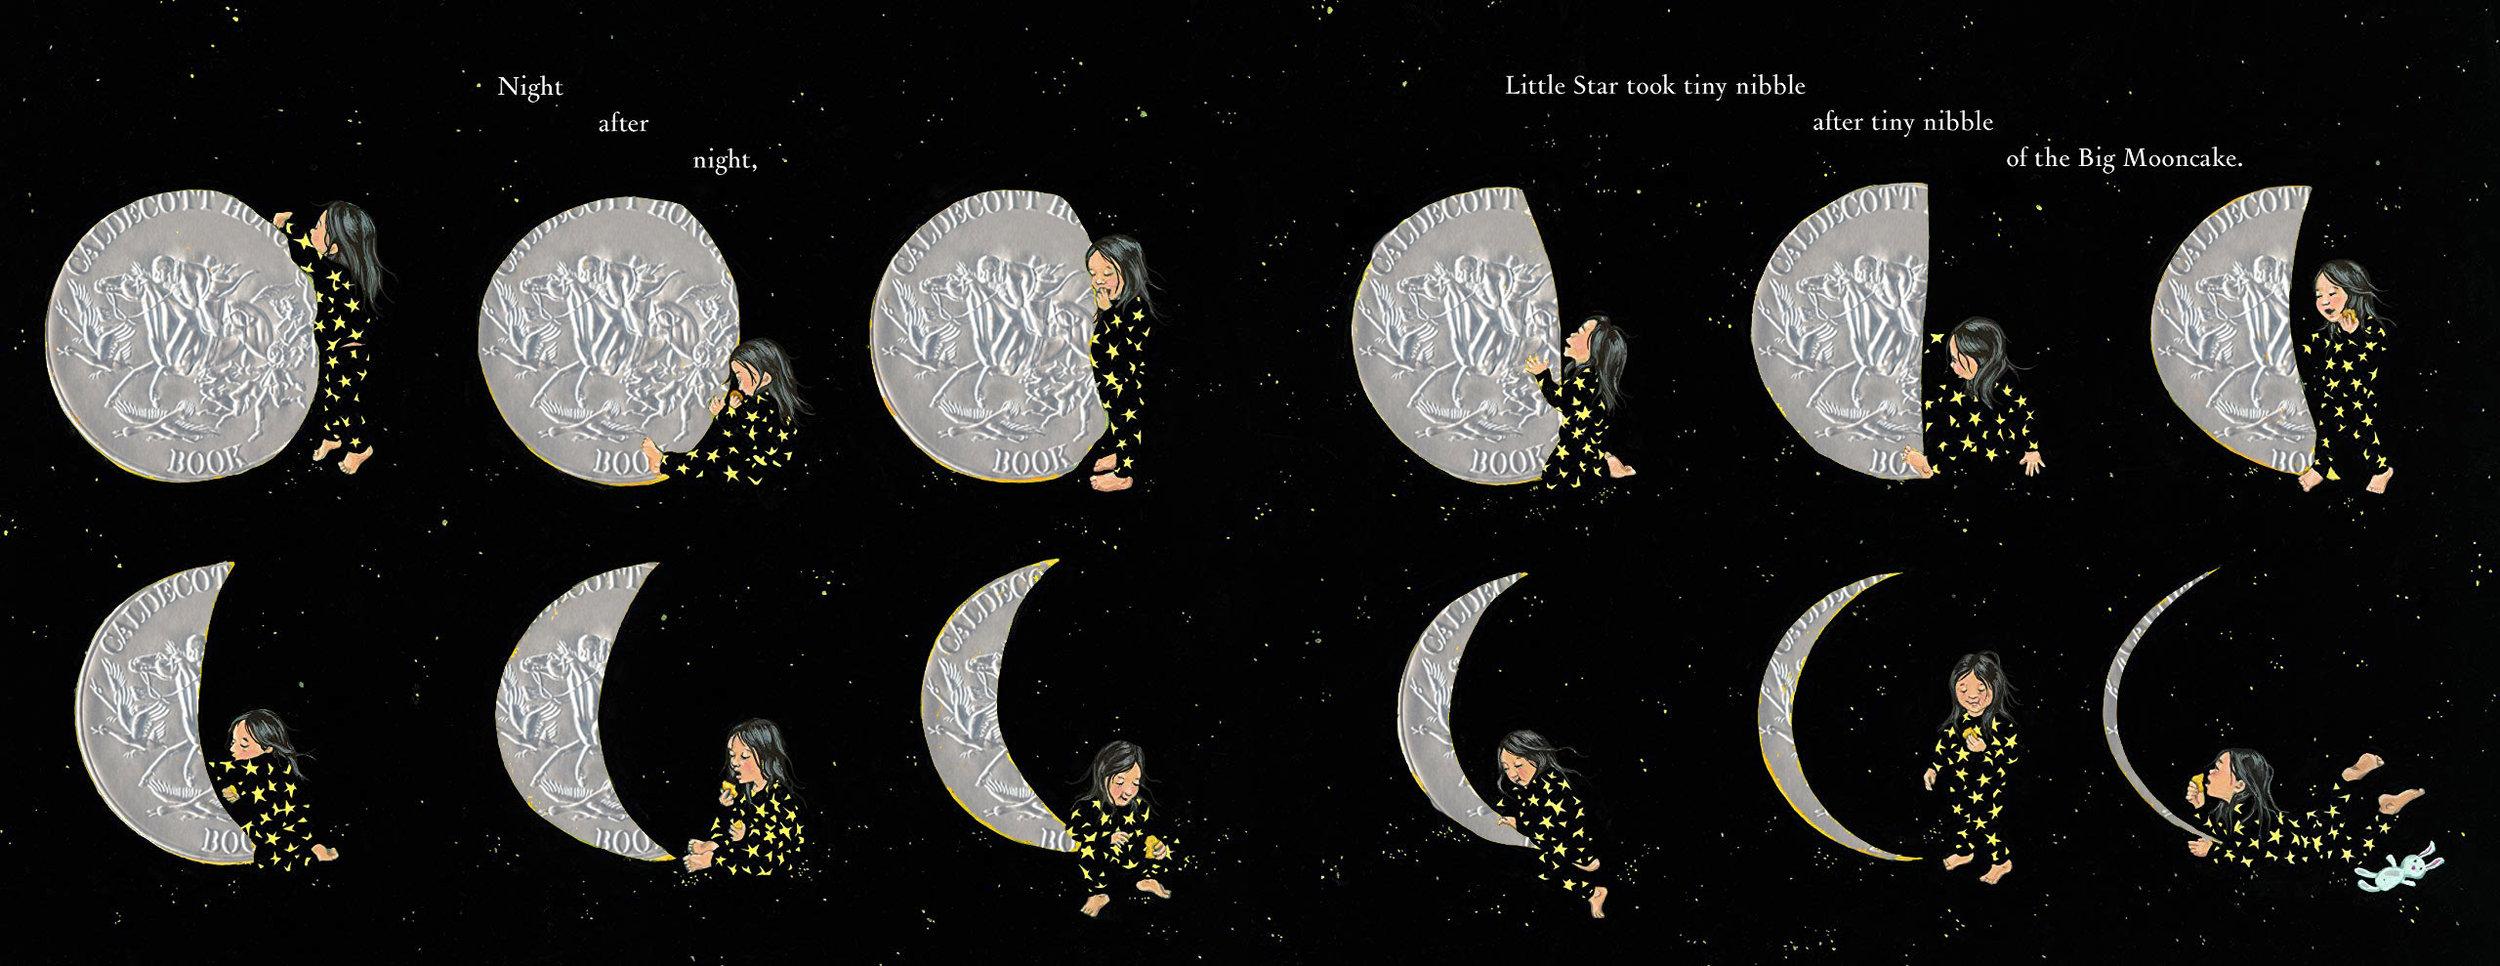 Big Mooncake for Little Star Extreme Caldecott.jpg